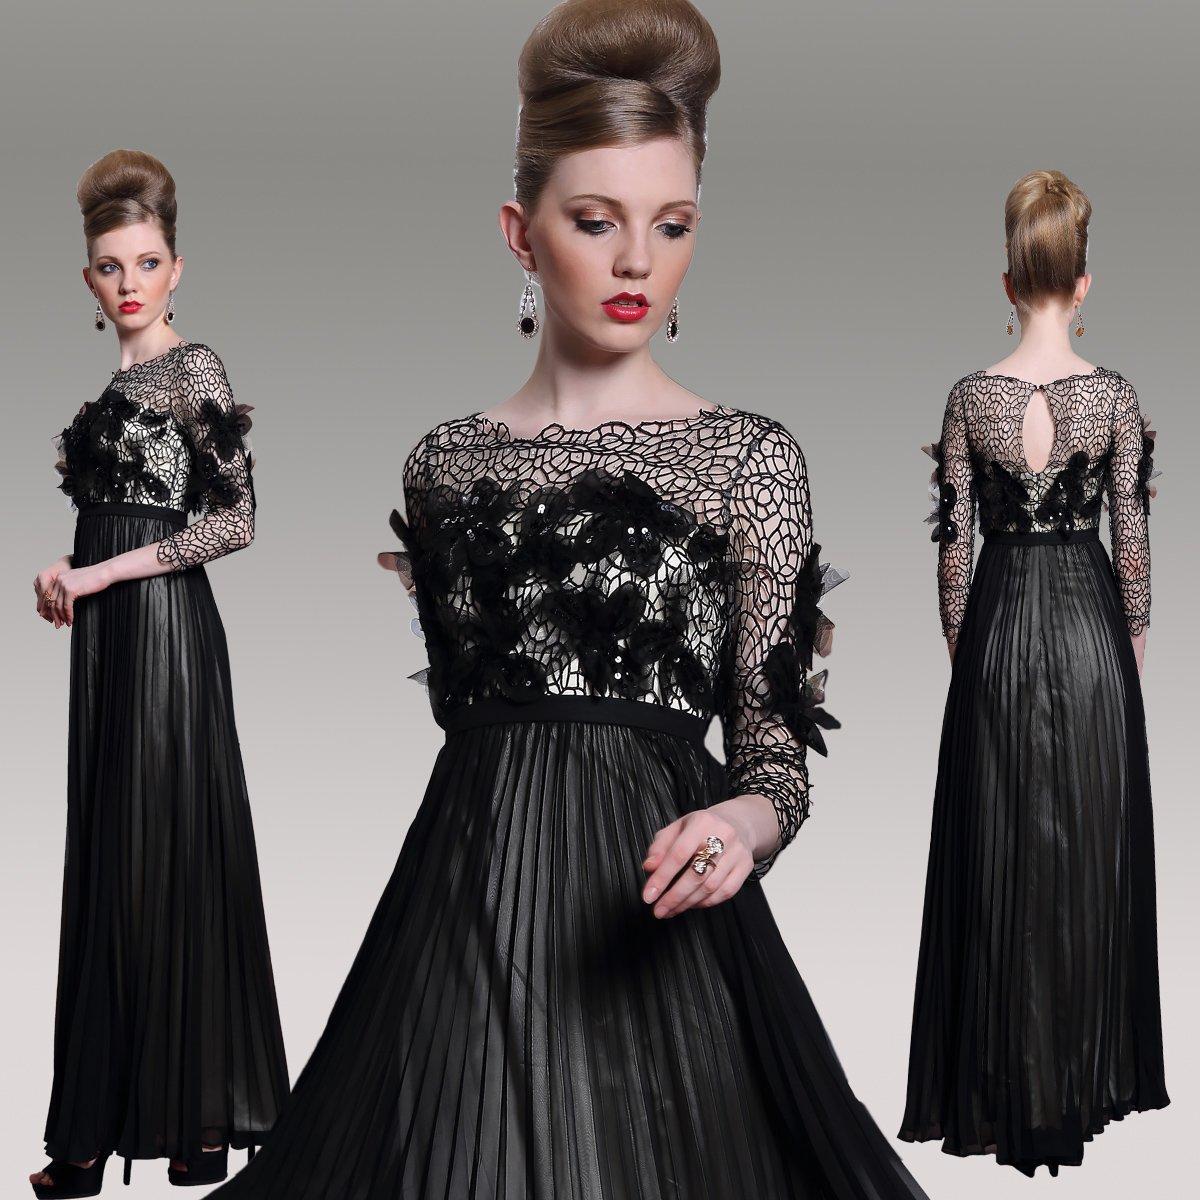 #F30989 Black Long Sleeve Empire Waist Evening Gown